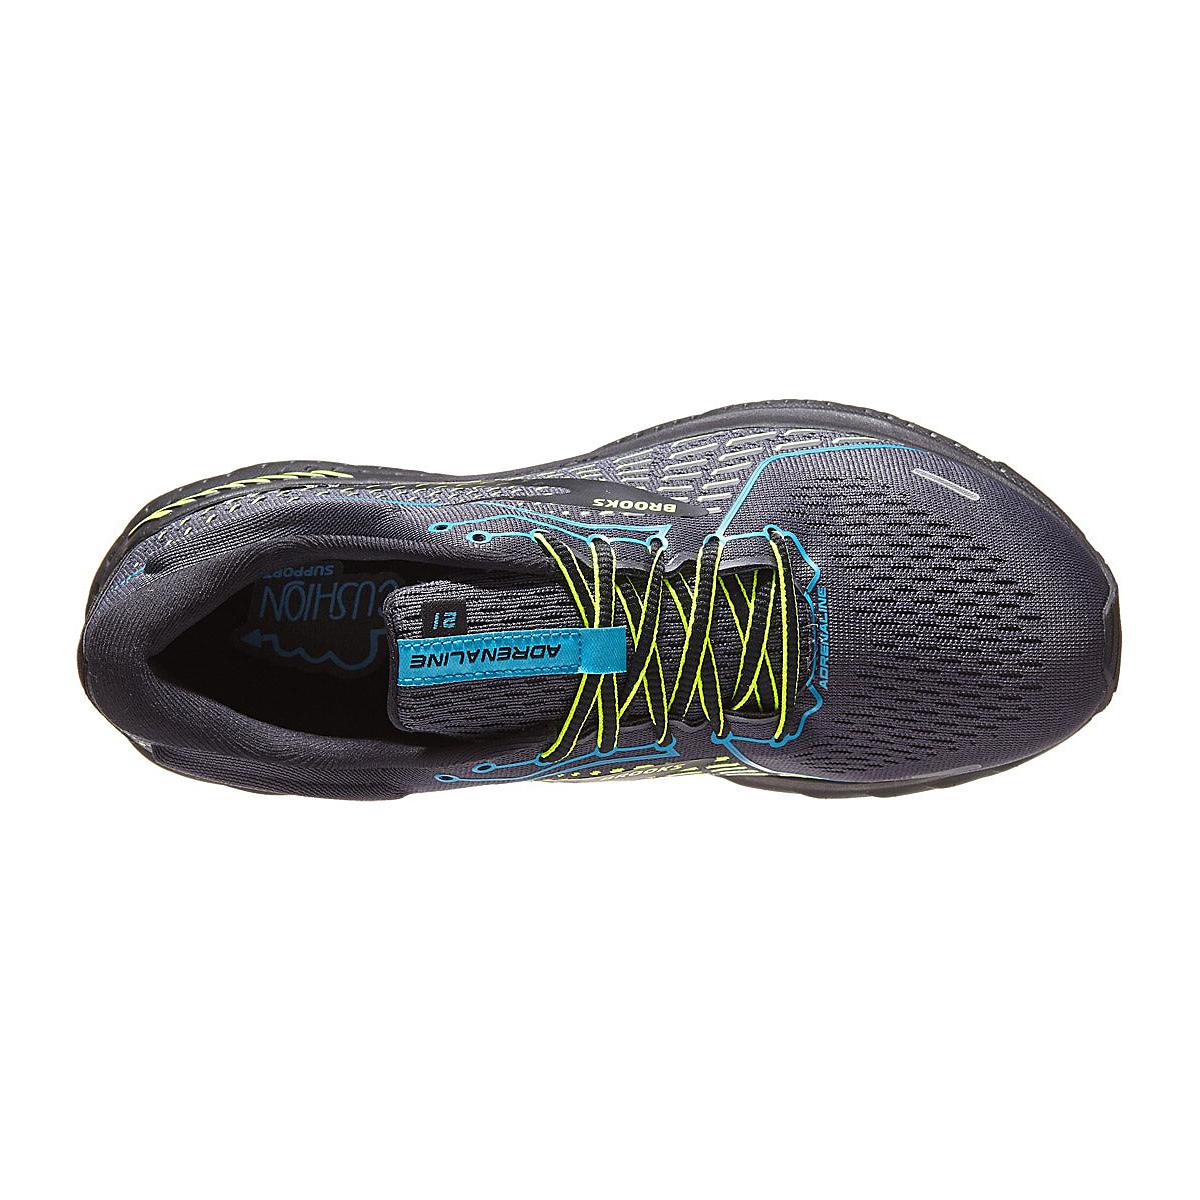 Men's Brooks Adrenaline Gts 21 Running Shoe - Color: Black/Blue Jewel - Size: 8 - Width: Regular, Black/Blue Jewel, large, image 2